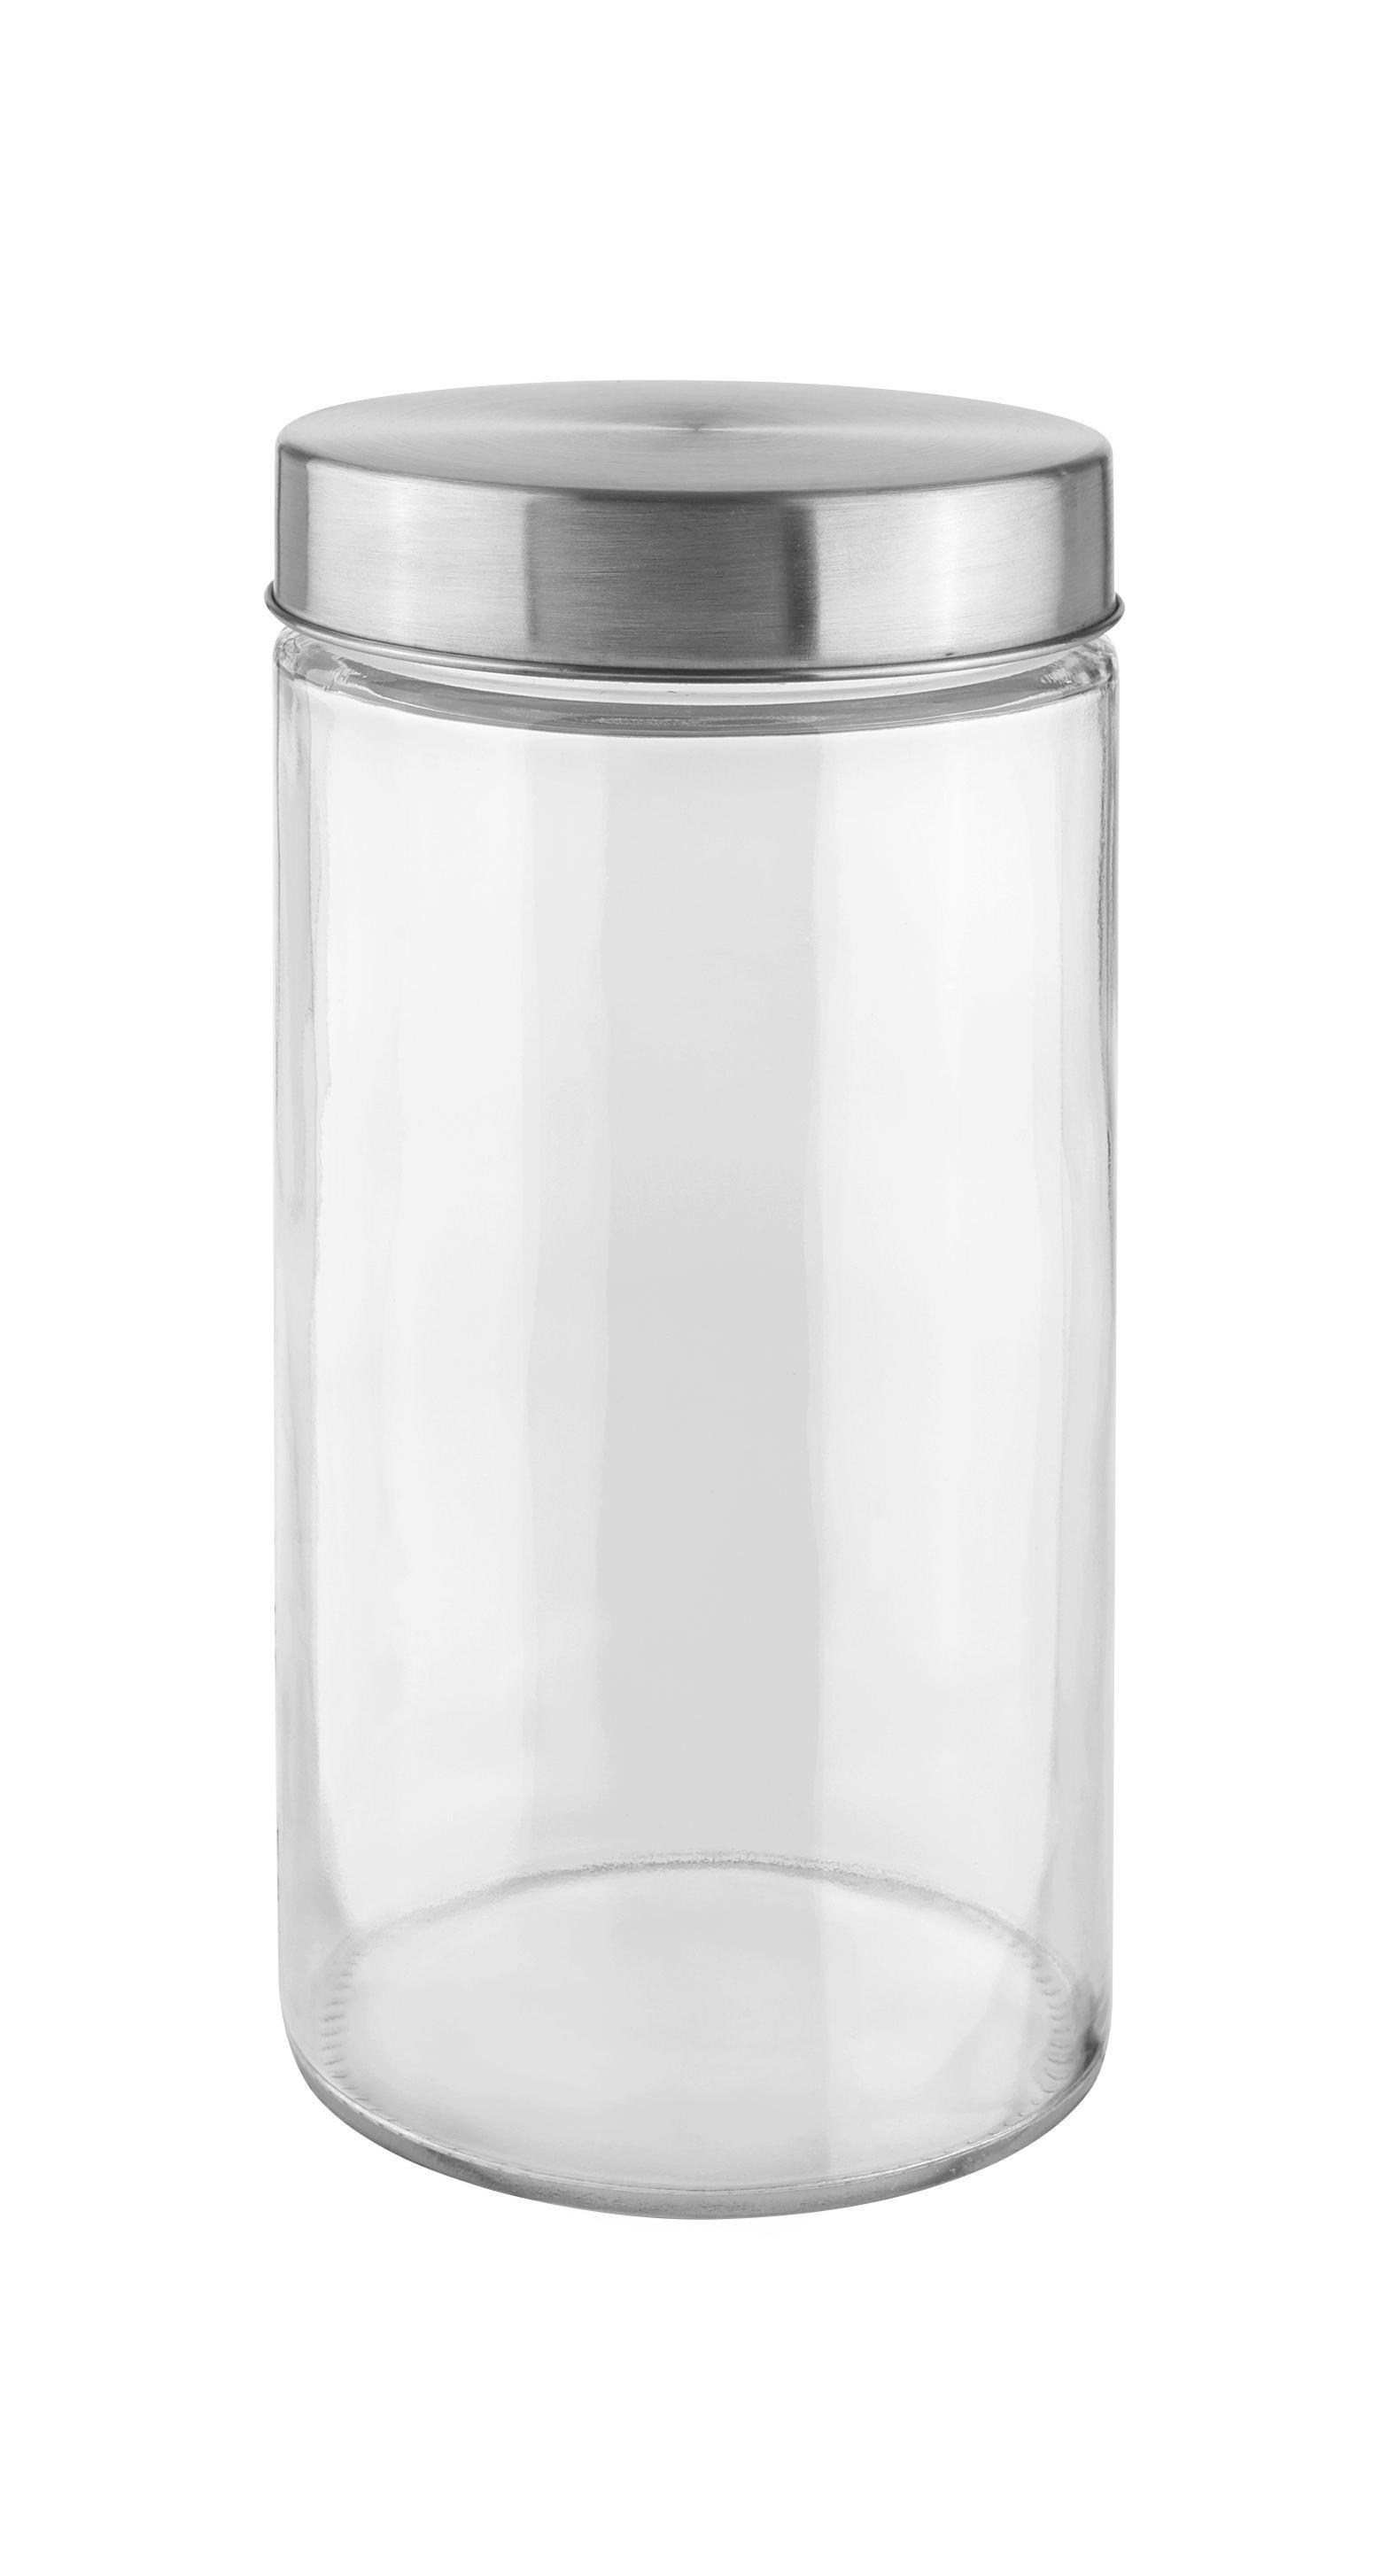 Vorratsdose Magnus aus Glas ca. 1,45l